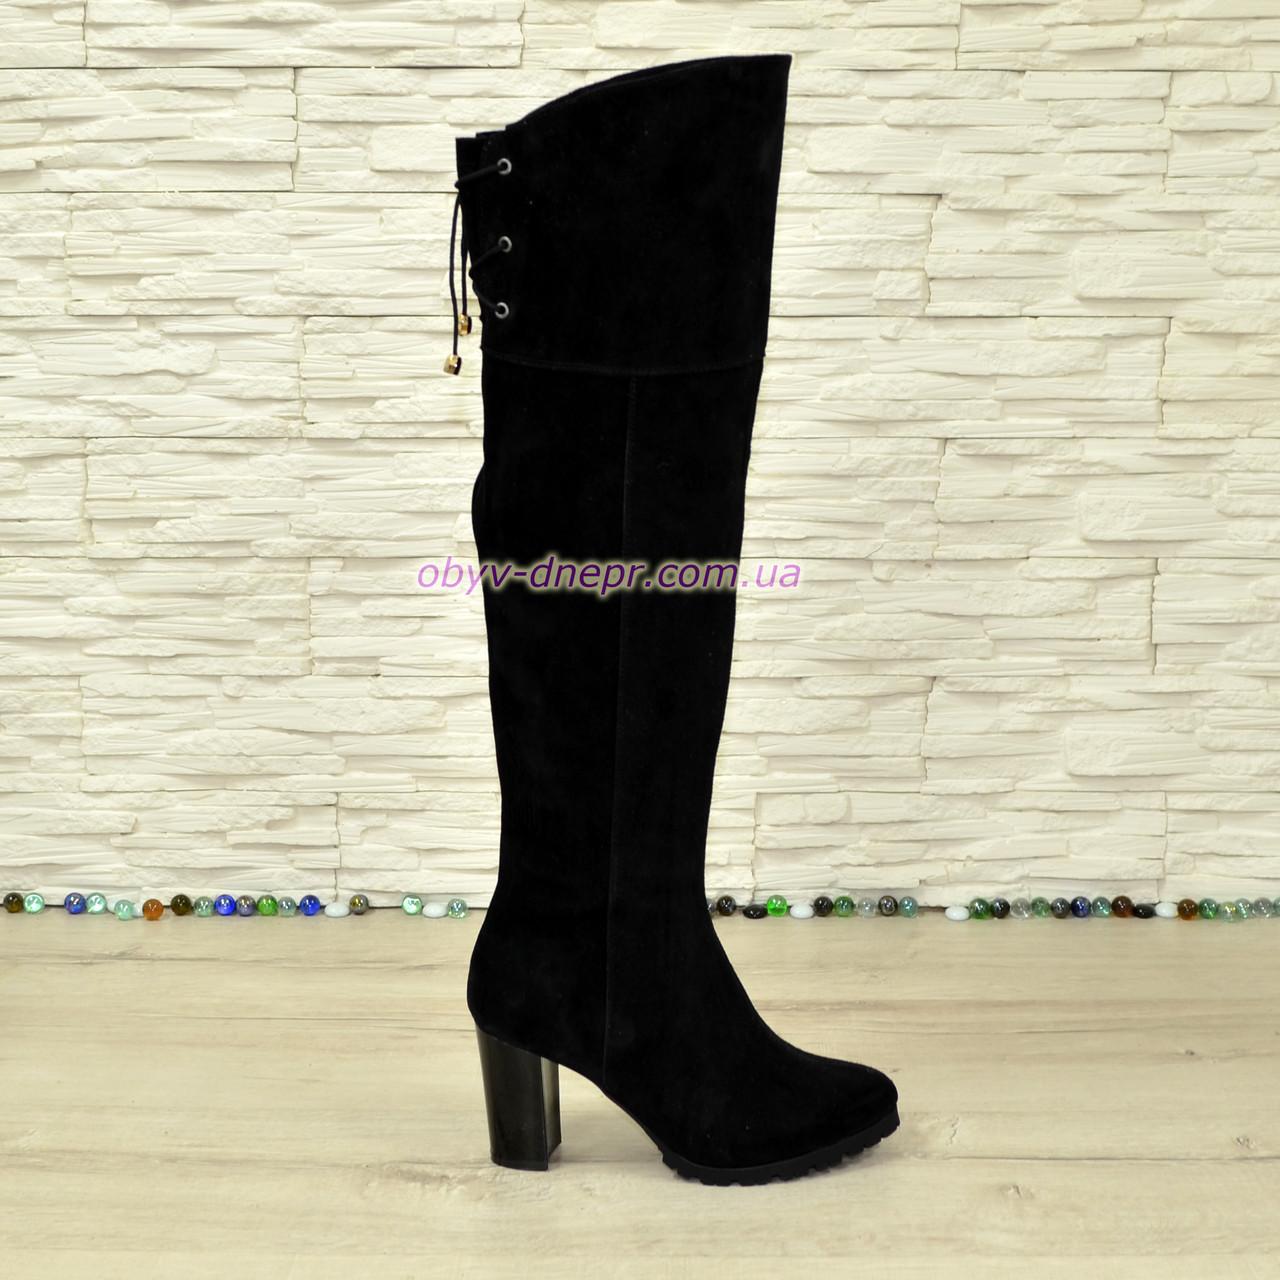 Ботфорты   замшевые на устойчивом каблуке, черный цвет.